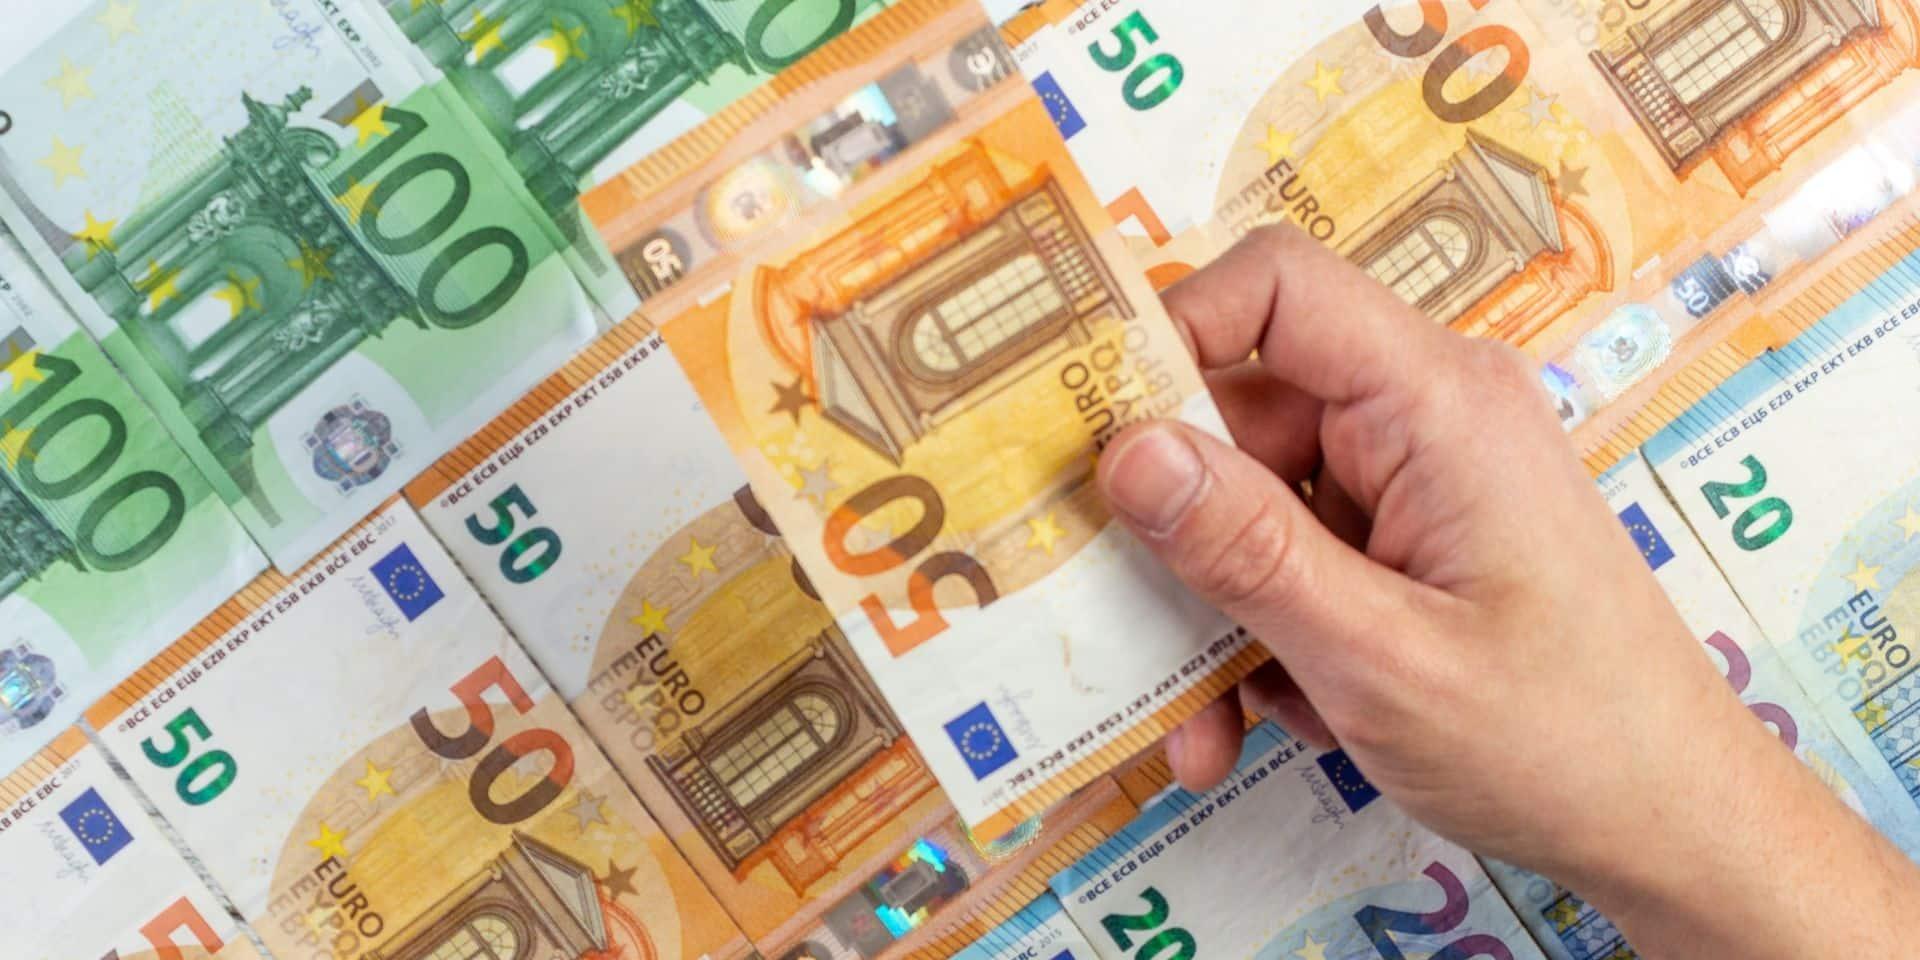 Bruxelles: un escroc séducteur qui avait volé 330.000 euros à ses deux victimes écope de 4 ans